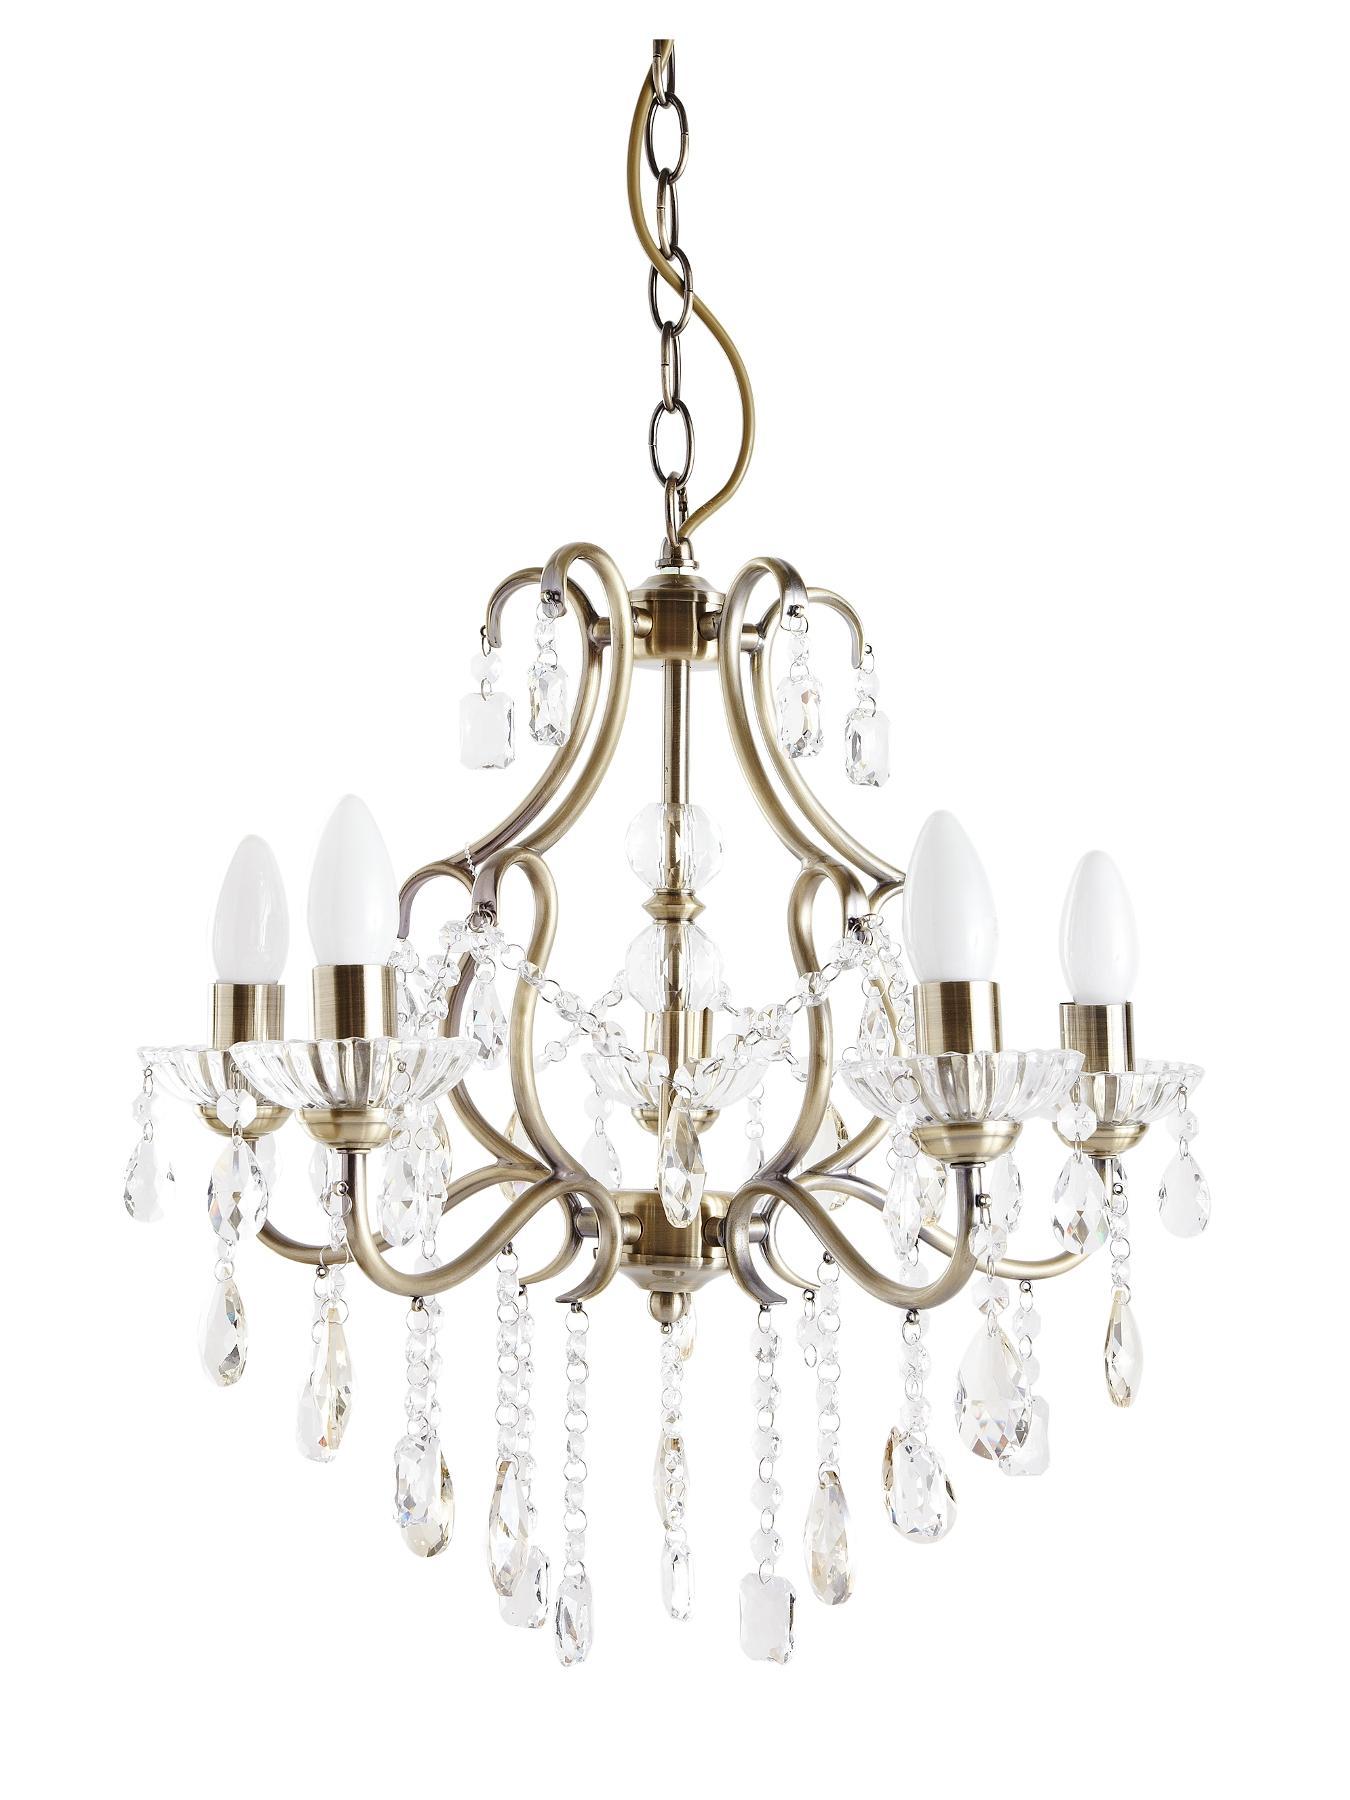 Glamdelier 5-Light Chandelier, Gold